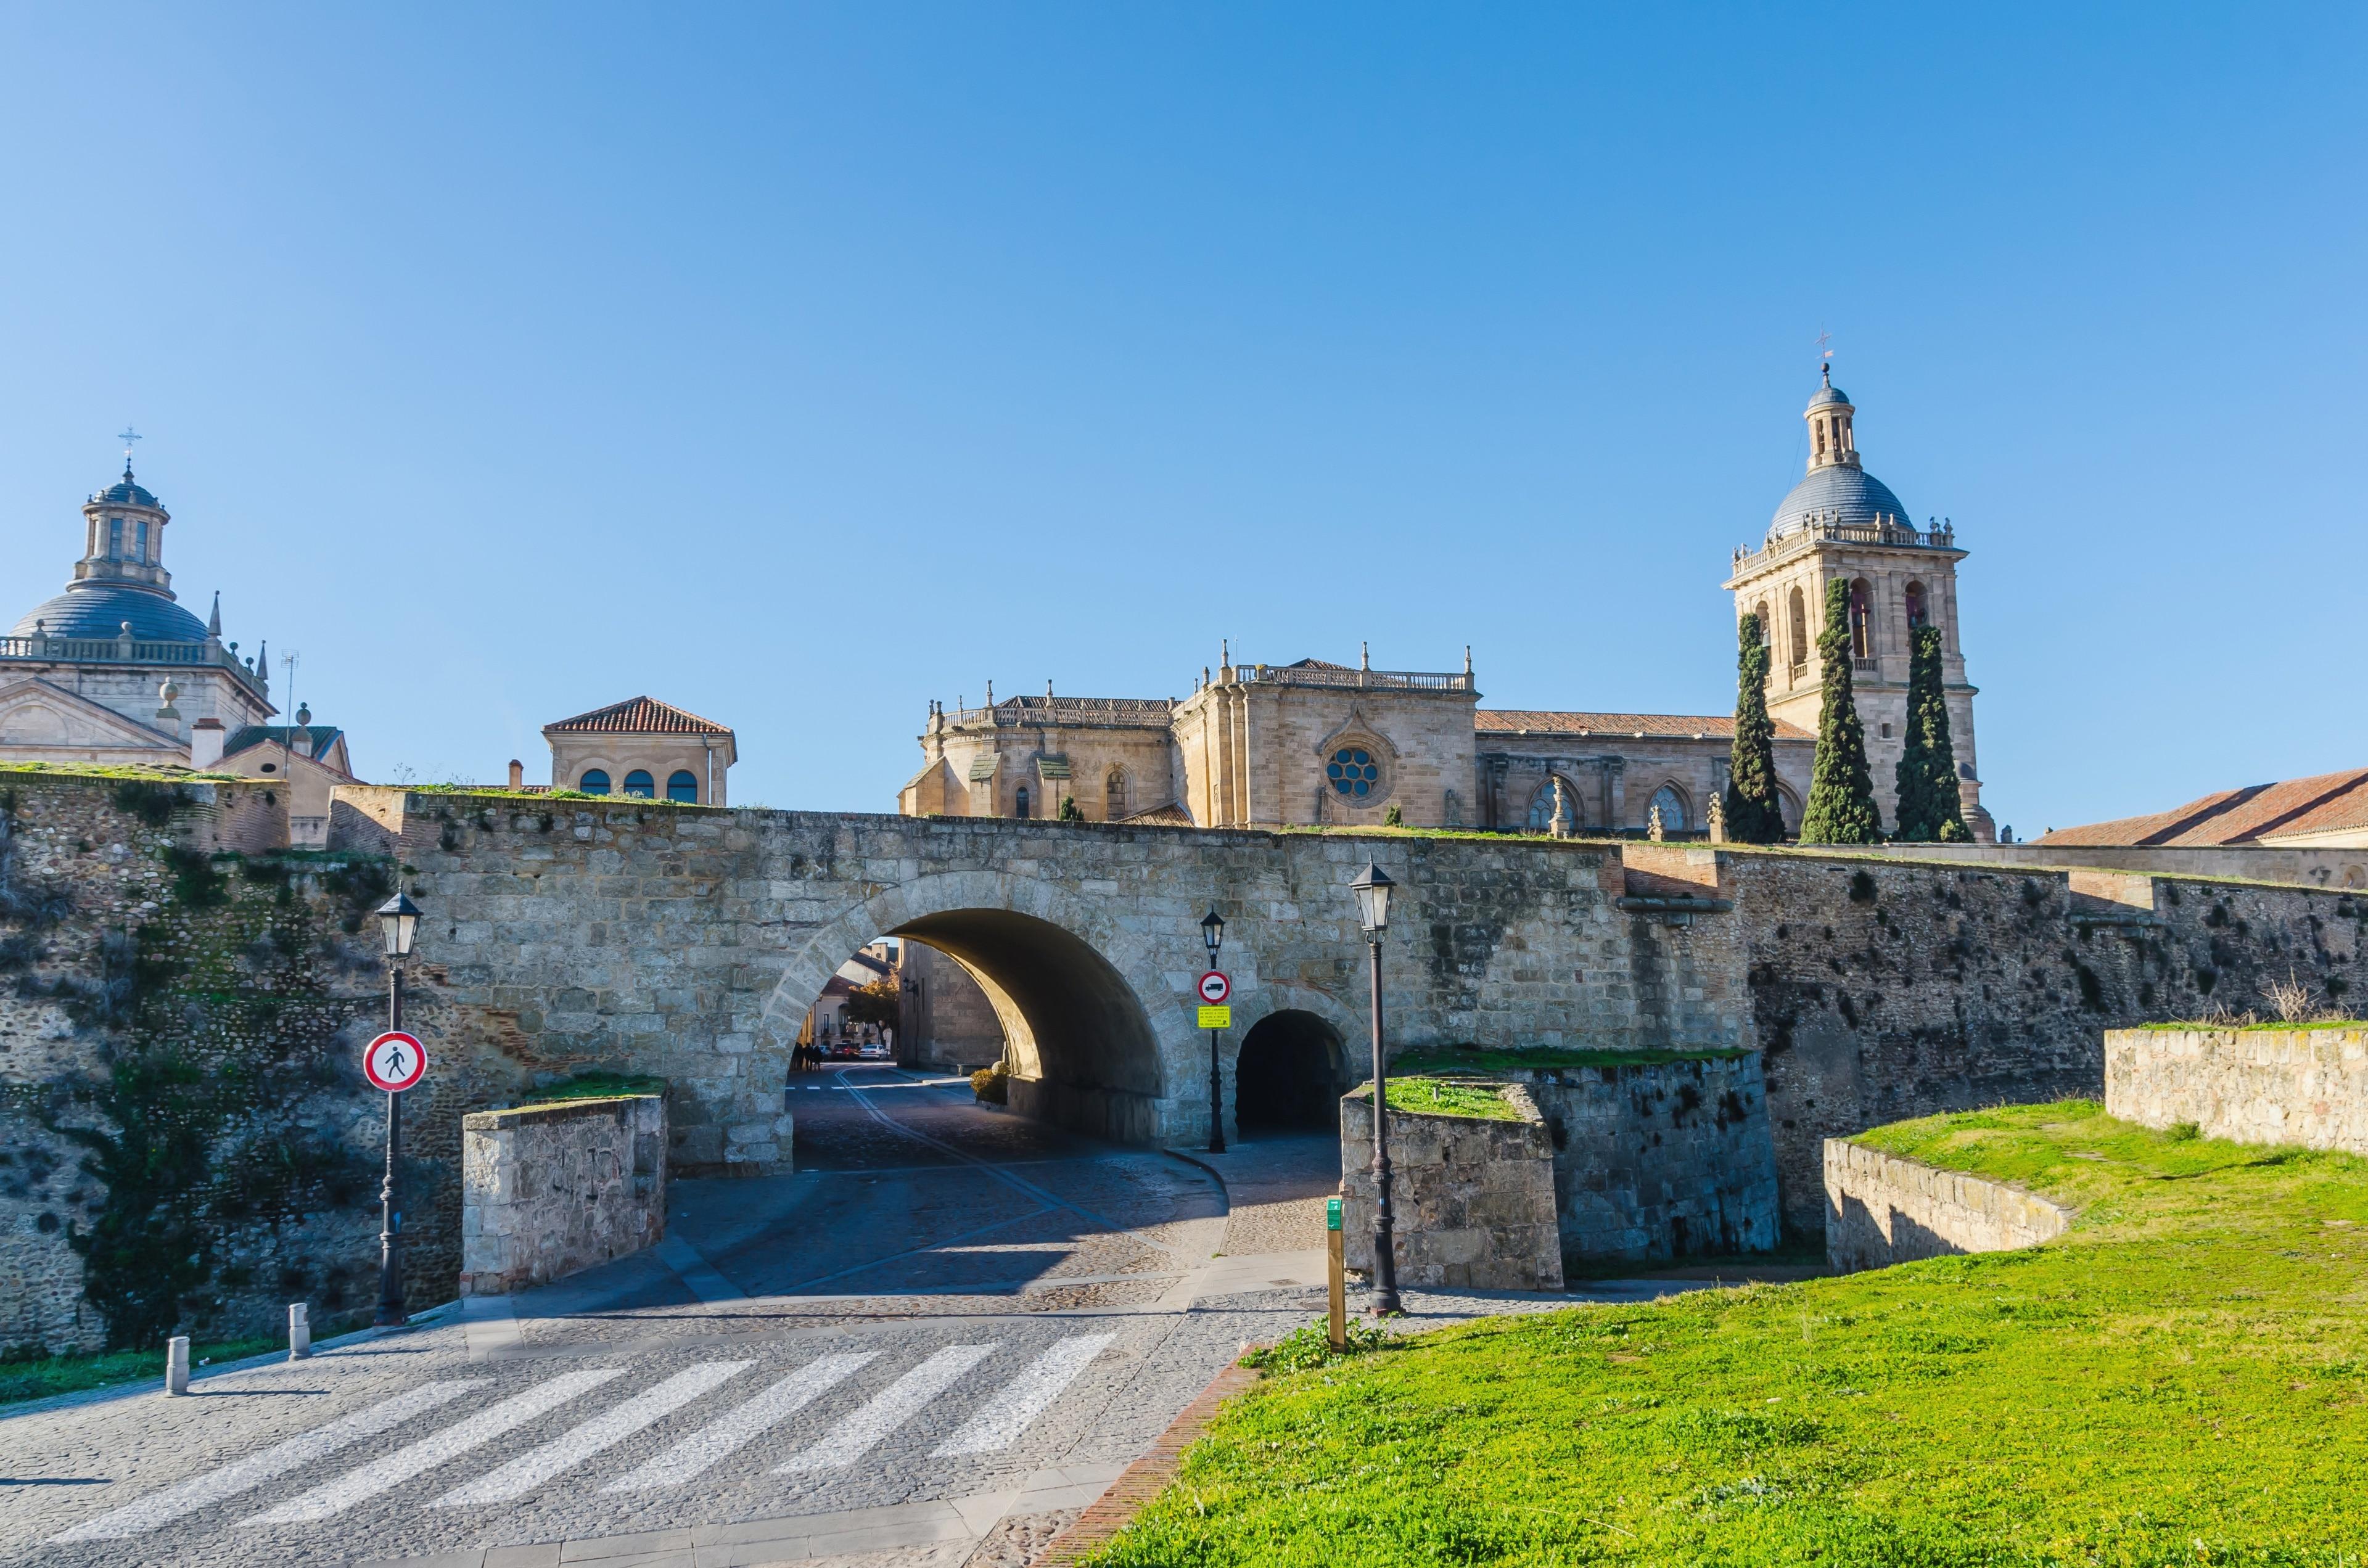 Comarca de Ciudad Rodrigo, Castile and Leon, Spain